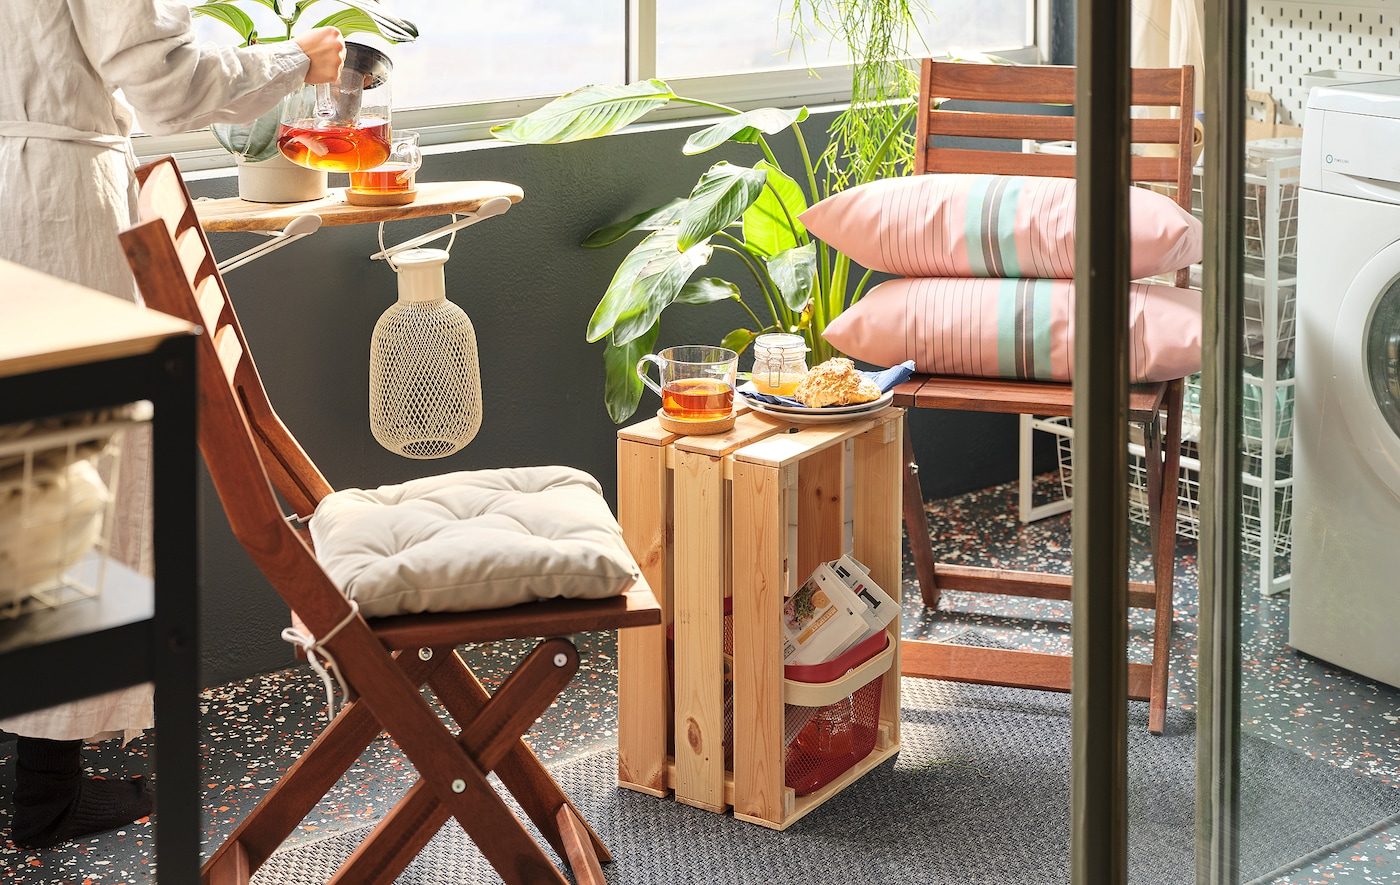 Auringonvalossa kylpevä parvekkeen nurkka, joka muodostuu taittotuoleista ja KNAGGLIG laatikosta, joka on asetettu kyljelleen pieneksi sivupöydäksi tuolien välissä.